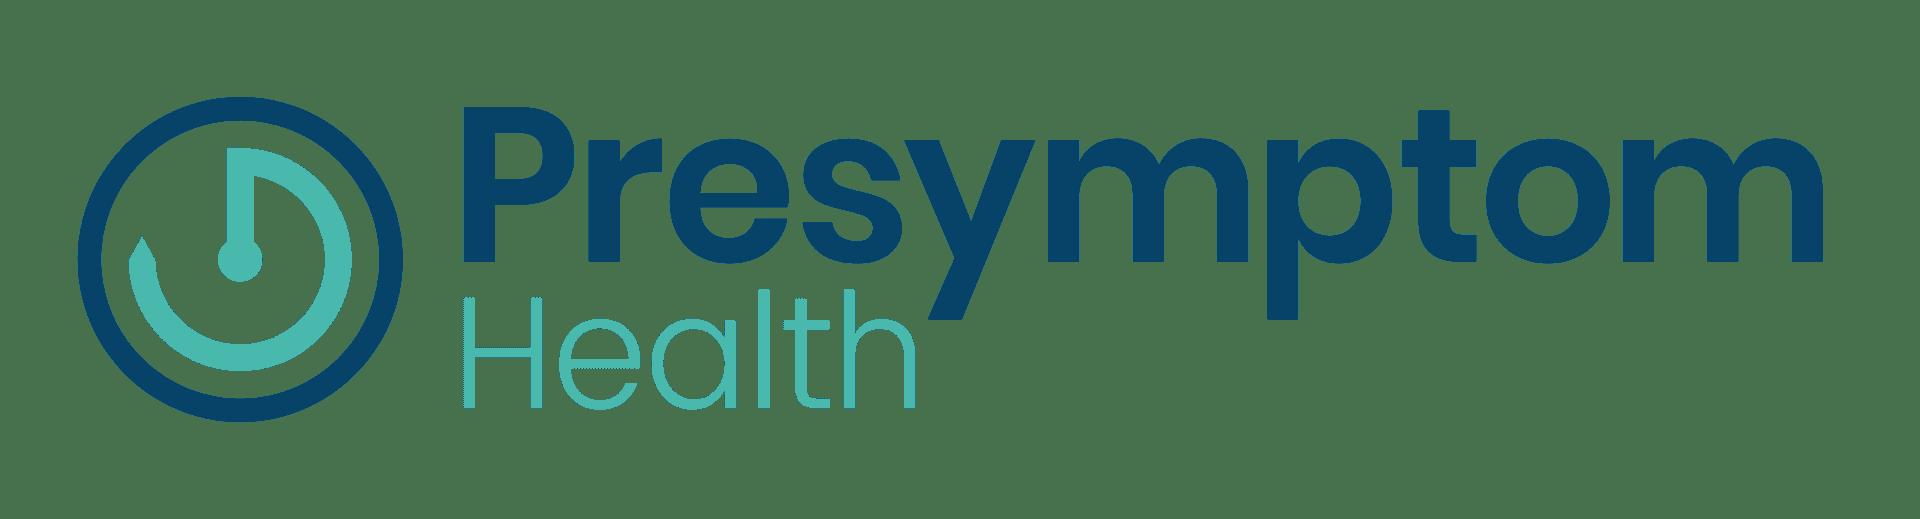 Presymptom Health Logo